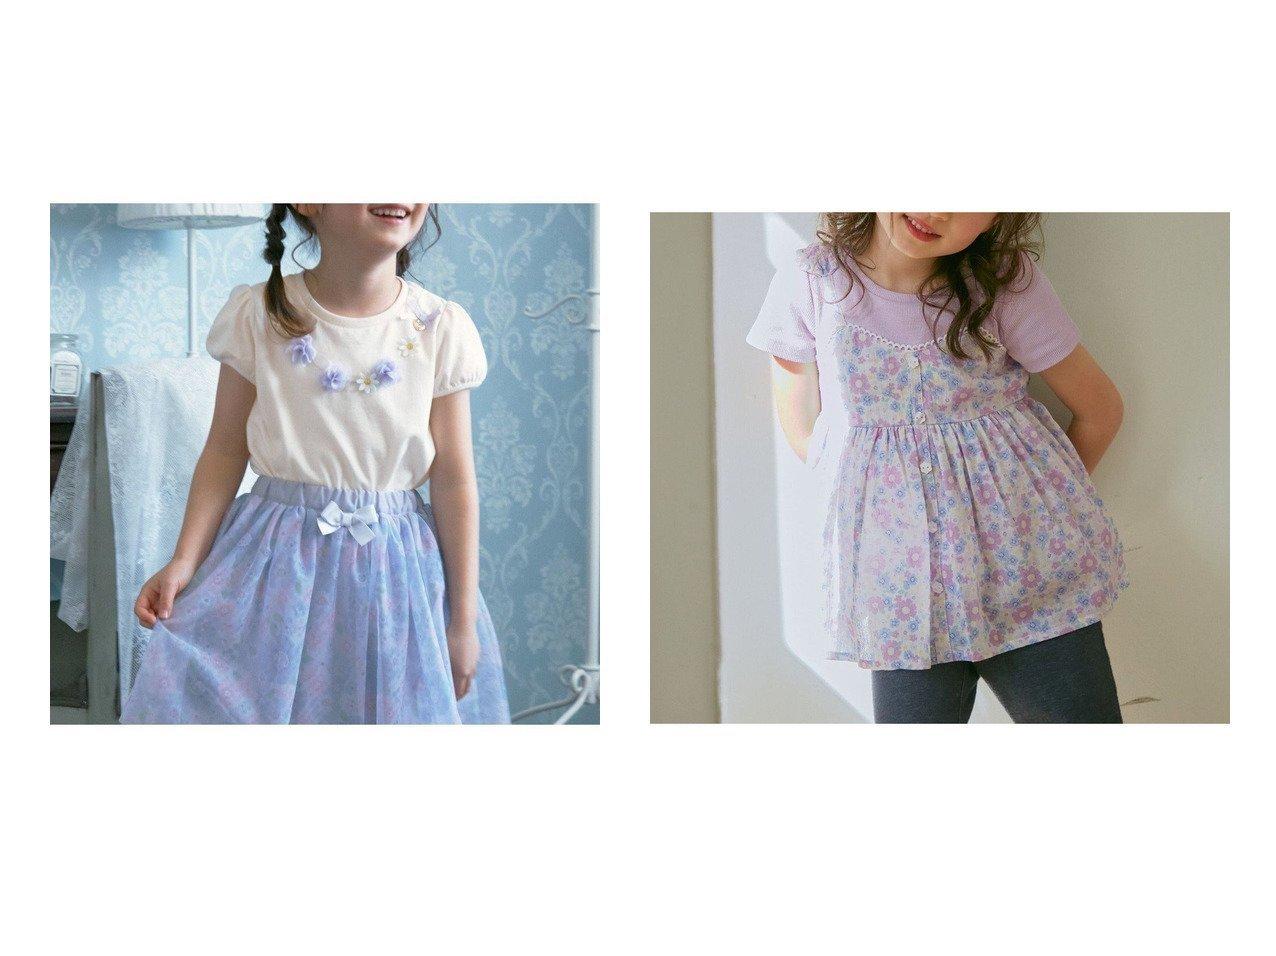 【anyFAM / KIDS/エニファム】の花柄キャミドッキング 半袖Tシャツ&フラワーモチーフネックレス風 パフスリーブTシャツ 【KIDS】子供服のおすすめ!人気トレンド・キッズファッションの通販 おすすめで人気の流行・トレンド、ファッションの通販商品 メンズファッション・キッズファッション・インテリア・家具・レディースファッション・服の通販 founy(ファニー) https://founy.com/ ファッション Fashion キッズファッション KIDS トップス・カットソー Tops/Tees/Kids カットソー スリーブ ネックレス 人気 モチーフ リボン 再入荷 Restock/Back in Stock/Re Arrival 送料無料 Free Shipping キャミソール ショート スカラップ ドッキング プリント 半袖 レギンス おすすめ Recommend |ID:crp329100000030740